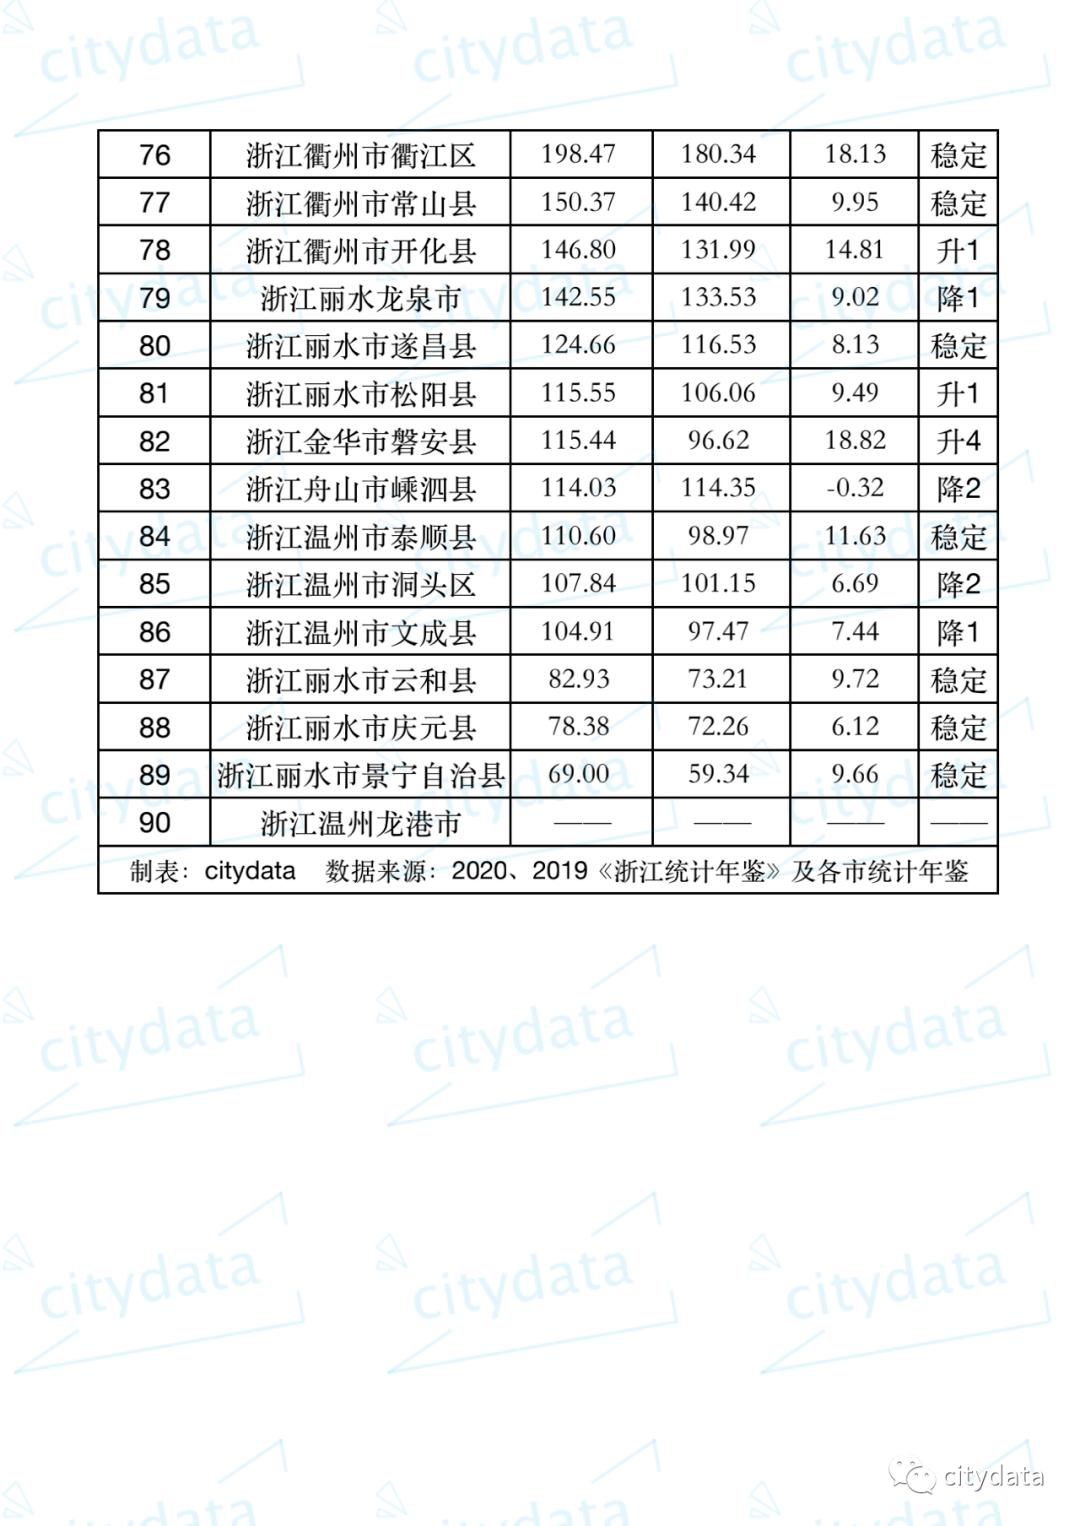 浙江gdp排行_珠三角、江苏浙江城市人均GDP排名,深圳下滑、金华中山低于全国